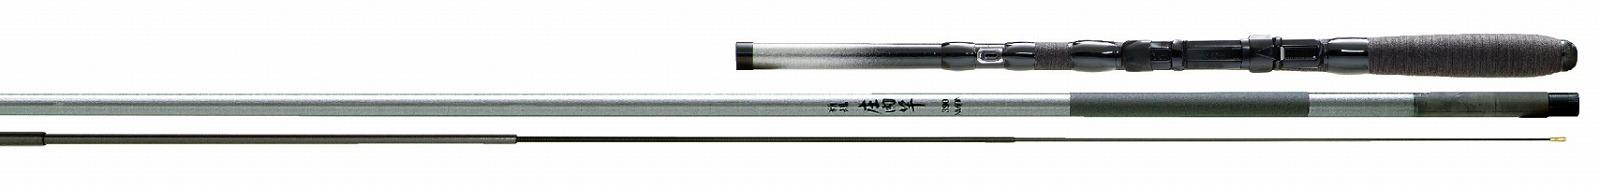 送料無料 即日発送 宇崎日新 精魂 庄内竿(ショウナイザオ)4.8m(磯竿・チヌ竿)NISSIN Made in Japan日本製